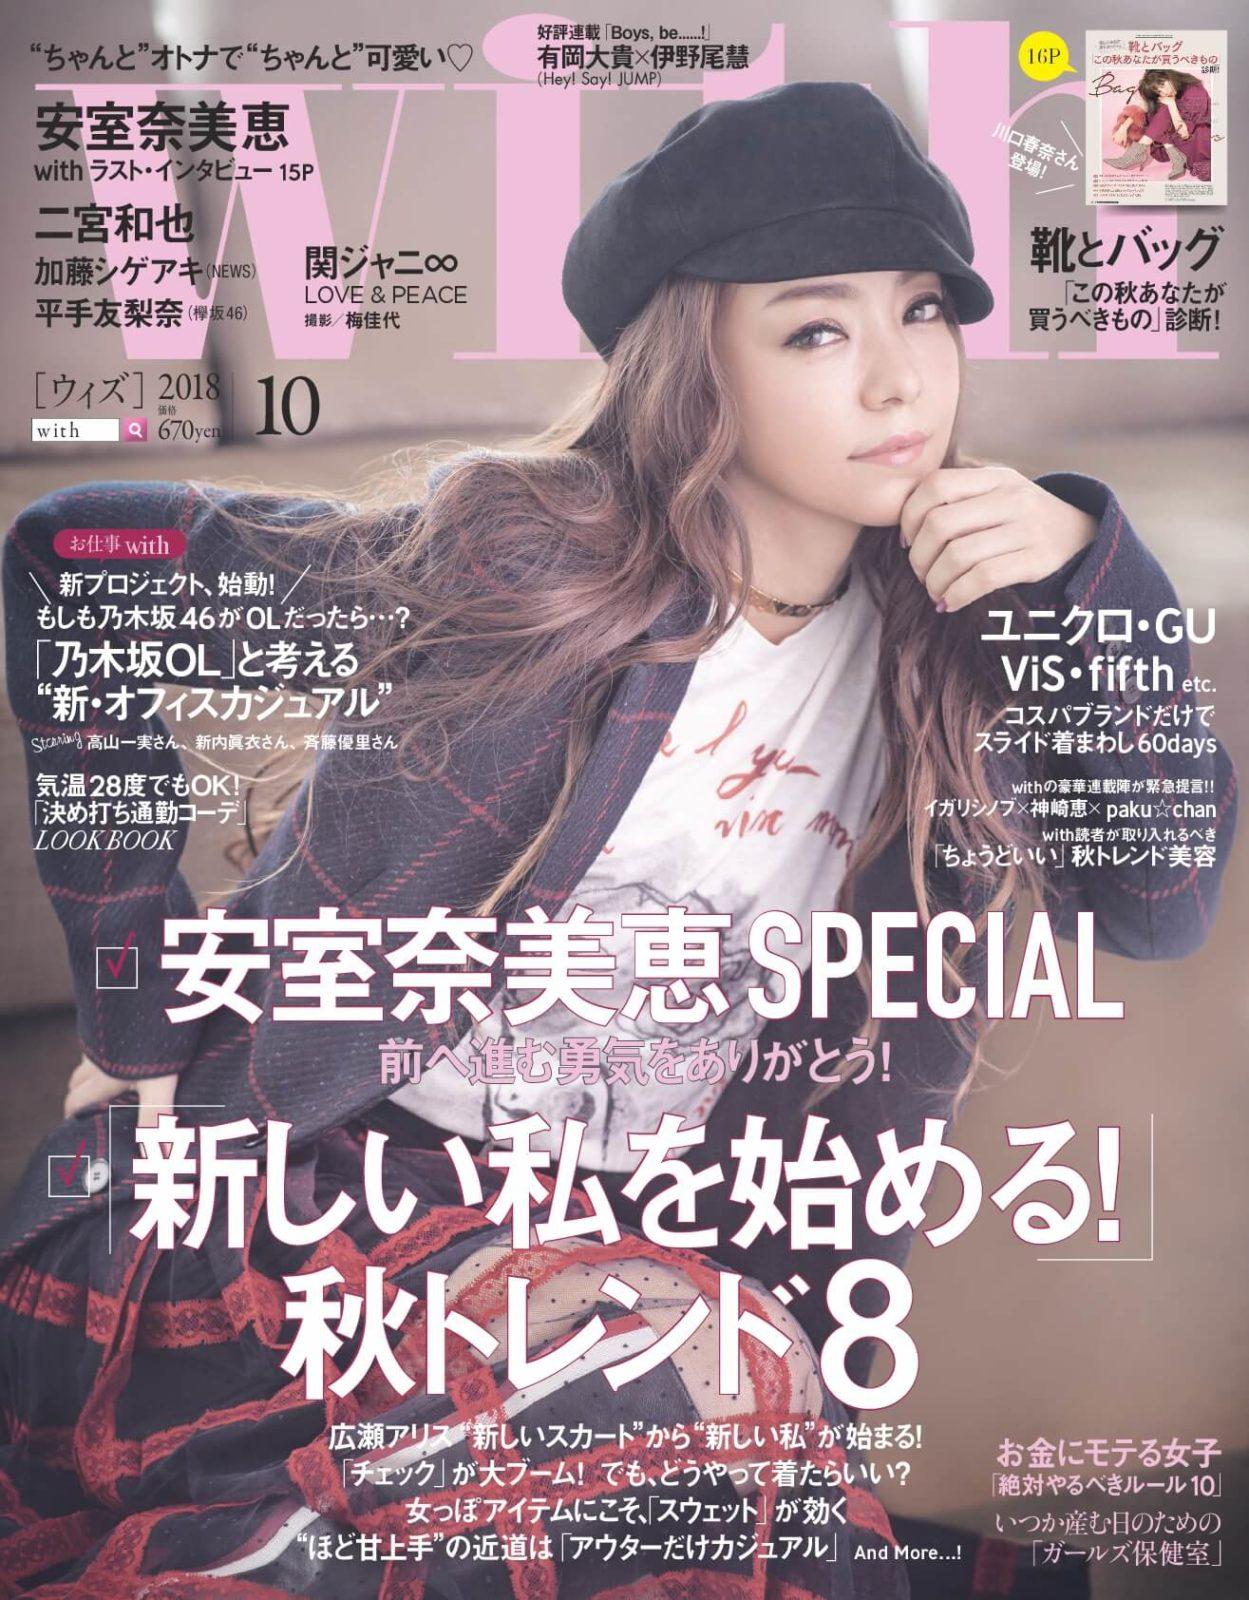 安室奈美恵、音楽に出会えて幸せだったか?の問いに「幸せだった……と思います」